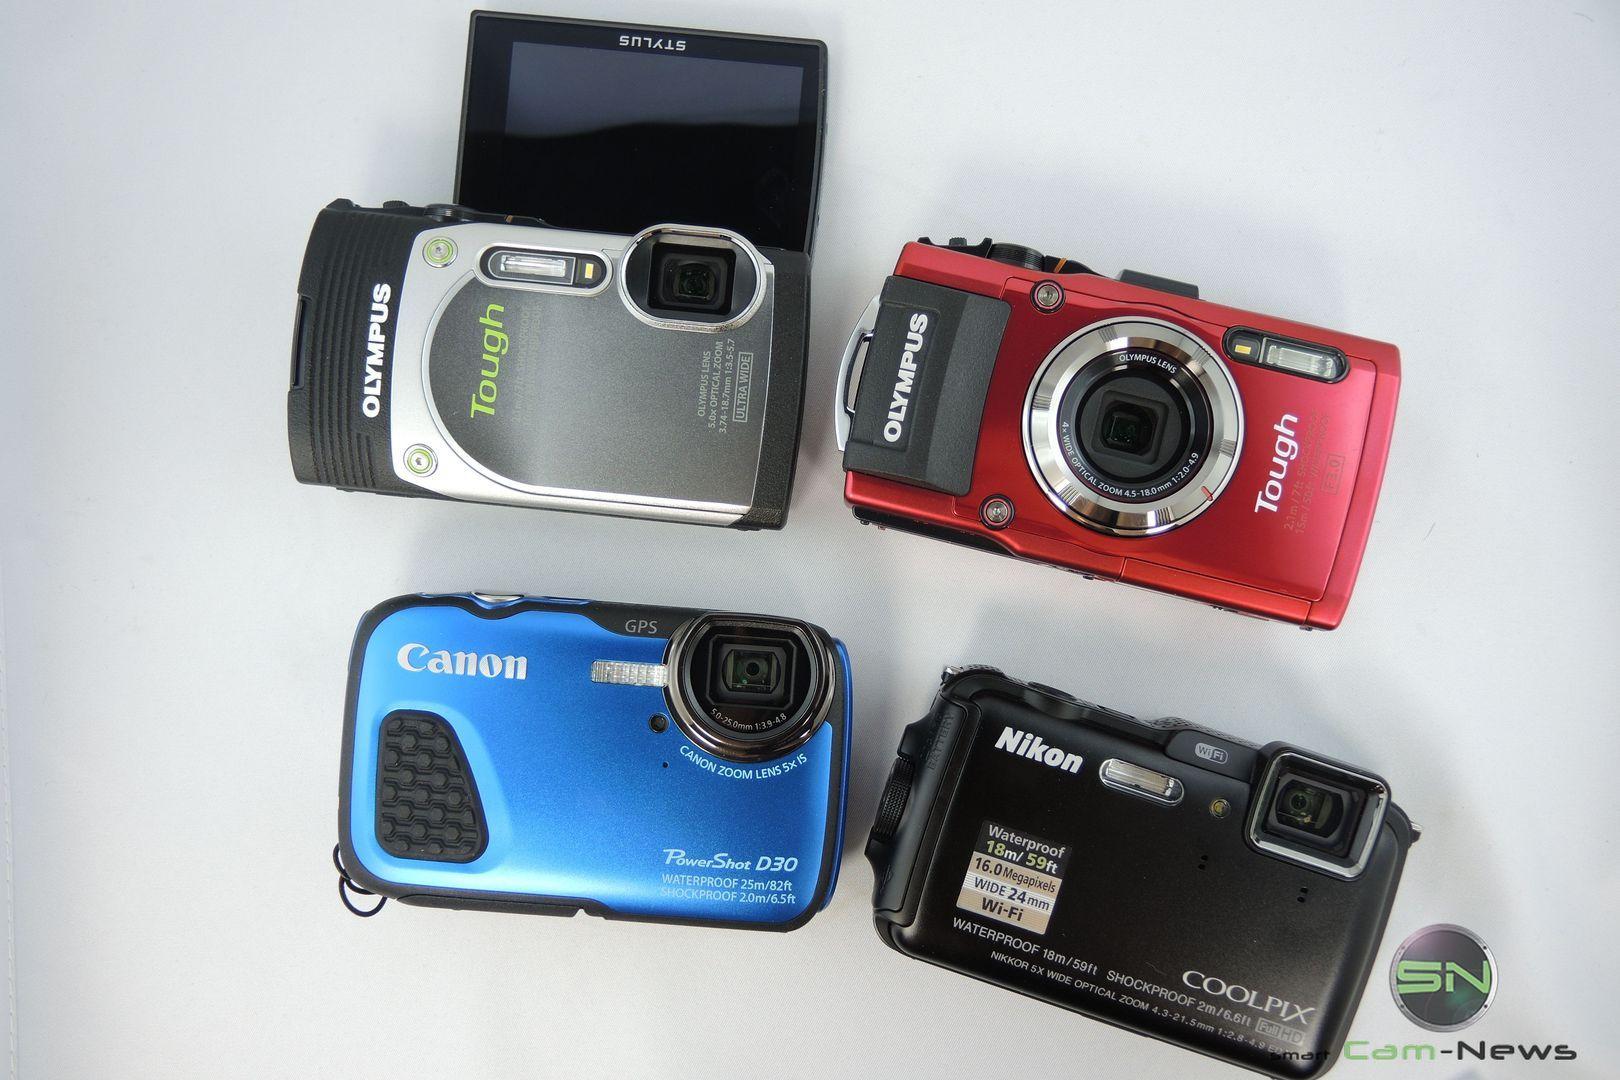 REISE nach KROATIEN: Outdoor Kamera Test 2014 – Olympus, Nikon, Canon im Vergleich